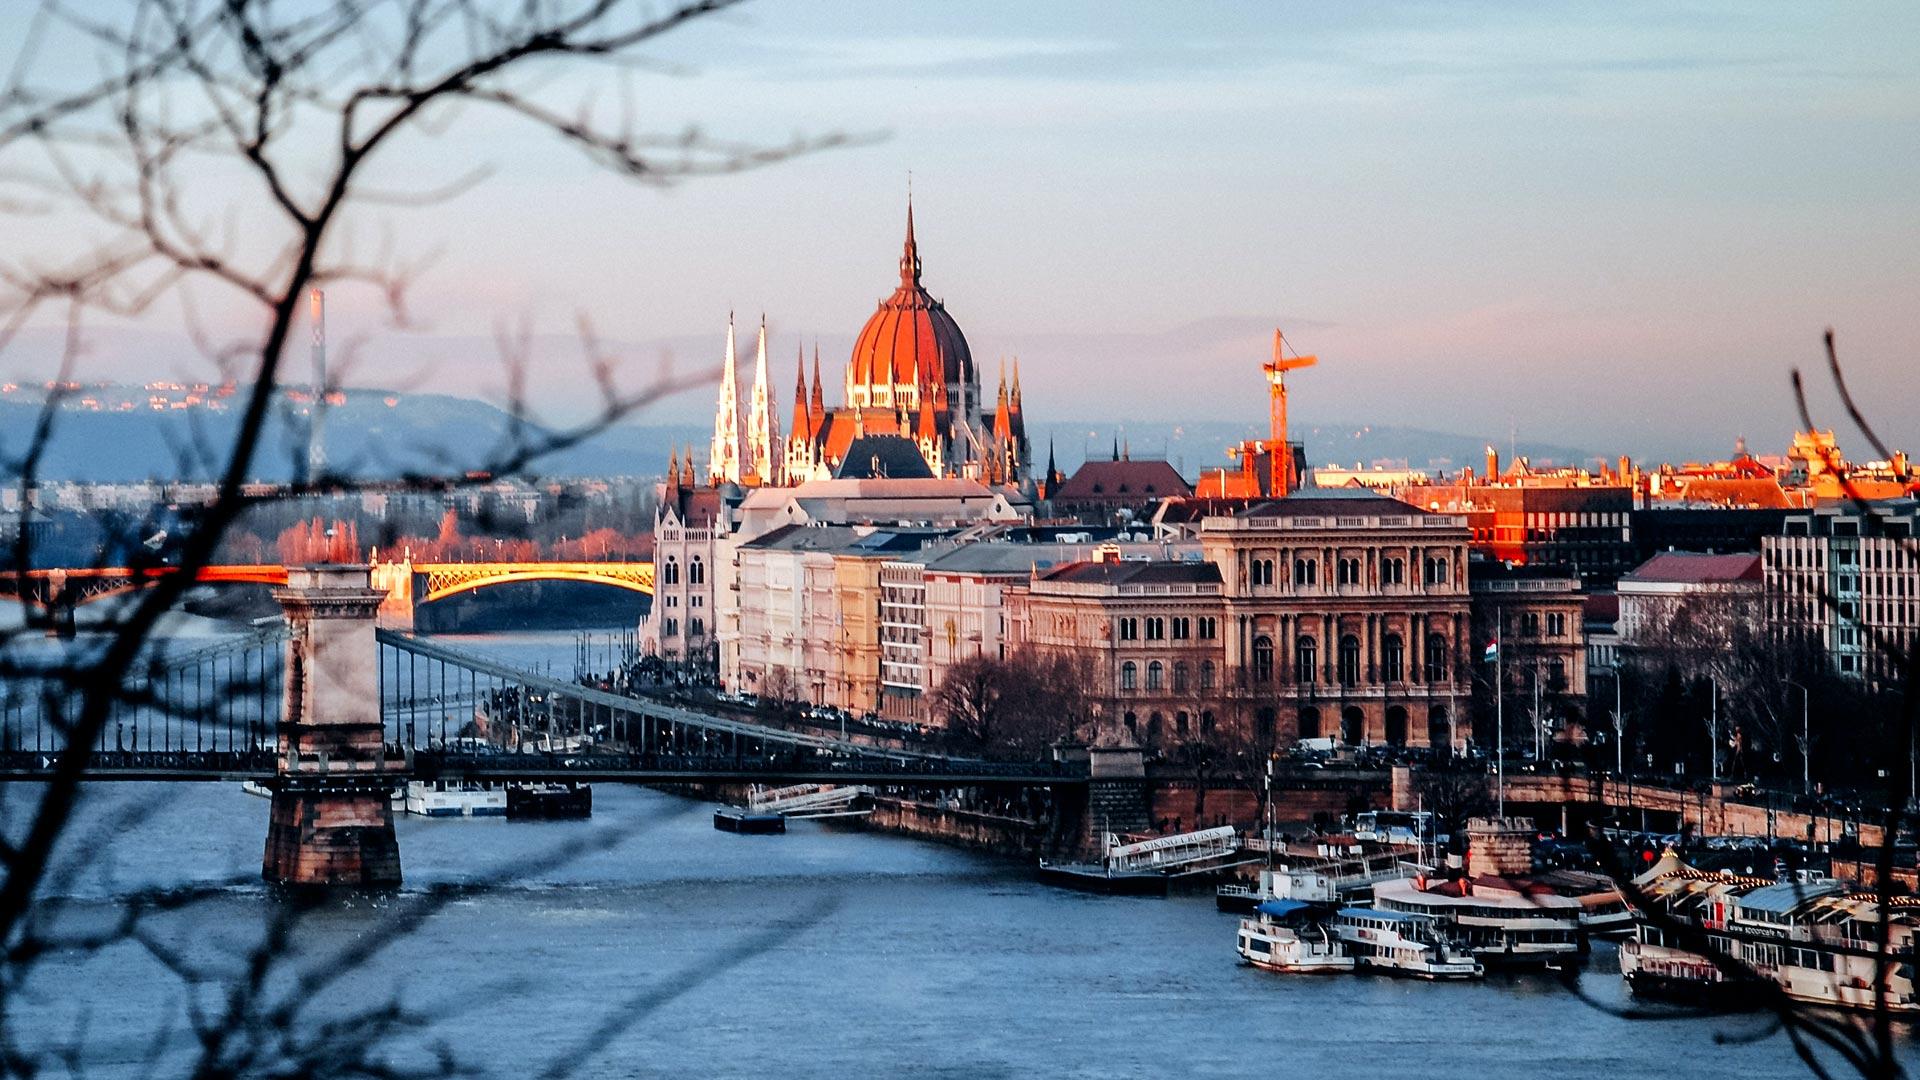 Gdzie jest centrum Budapesztu? Centrum w Budapeszcie